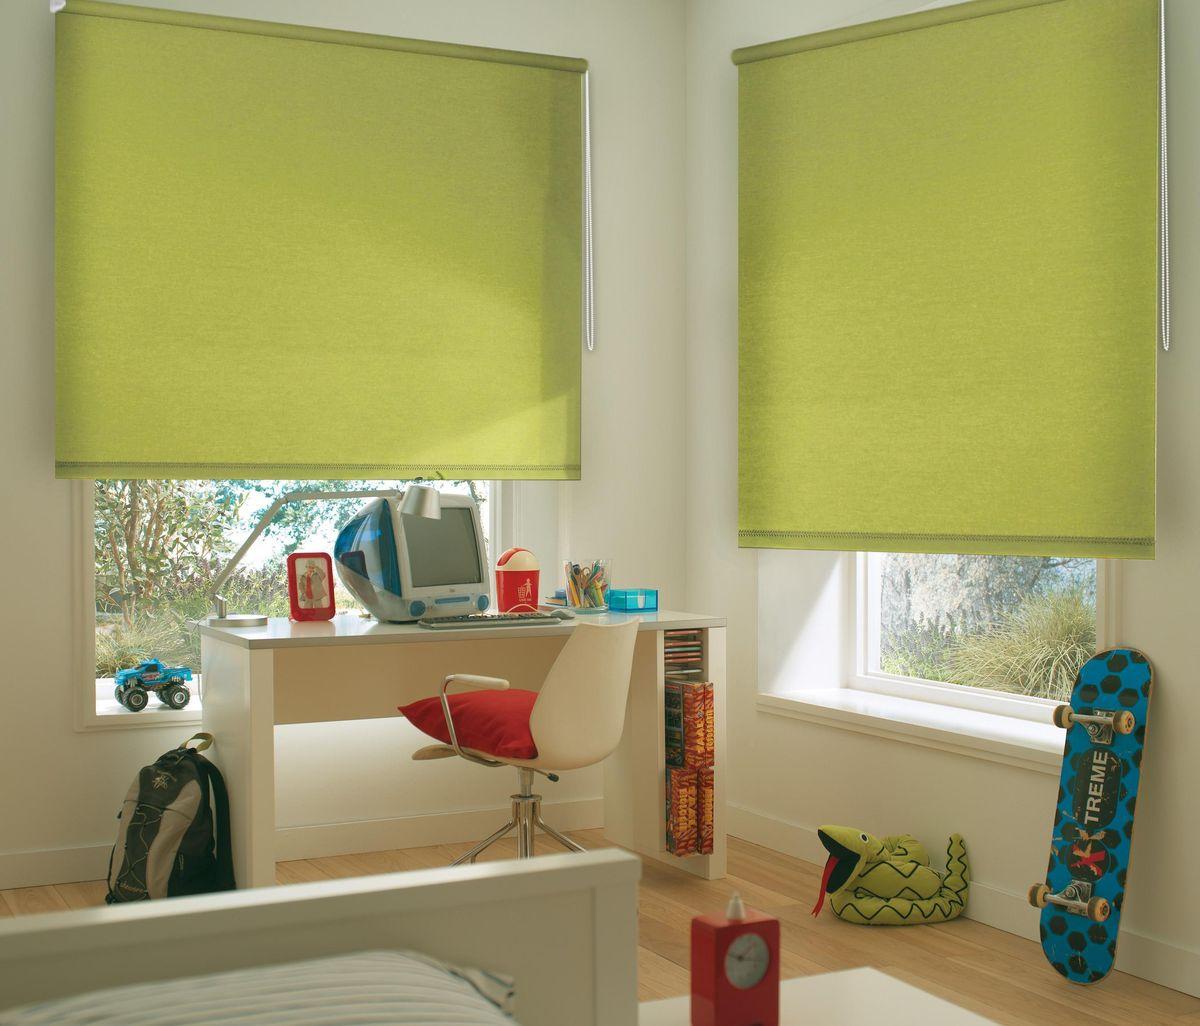 Штора рулонная Эскар, цвет: салатовый, ширина 130 см, высота 170 см81014130170Рулонными шторами можно оформлять окна как самостоятельно, так и использовать в комбинации с портьерами. Это поможет предотвратить выгорание дорогой ткани на солнце и соединит функционал рулонных с красотой навесных.Преимущества применения рулонных штор для пластиковых окон:- имеют прекрасный внешний вид: многообразие и фактурность материала изделия отлично смотрятся в любом интерьере; - многофункциональны: есть возможность подобрать шторы способные эффективно защитить комнату от солнца, при этом о на не будет слишком темной. - Есть возможность осуществить быстрый монтаж. ВНИМАНИЕ! Размеры ширины изделия указаны по ширине ткани!Во время эксплуатации не рекомендуется полностью разматывать рулон, чтобы не оторвать ткань от намоточного вала.В случае загрязнения поверхности ткани, чистку шторы проводят одним из способов, в зависимости от типа загрязнения: легкое поверхностное загрязнение можно удалить при помощи канцелярского ластика; чистка от пыли производится сухим методом при помощи пылесоса с мягкой щеткой-насадкой; для удаления пятна используйте мягкую губку с пенообразующим неагрессивным моющим средством или пятновыводитель на натуральной основе (нельзя применять растворители).